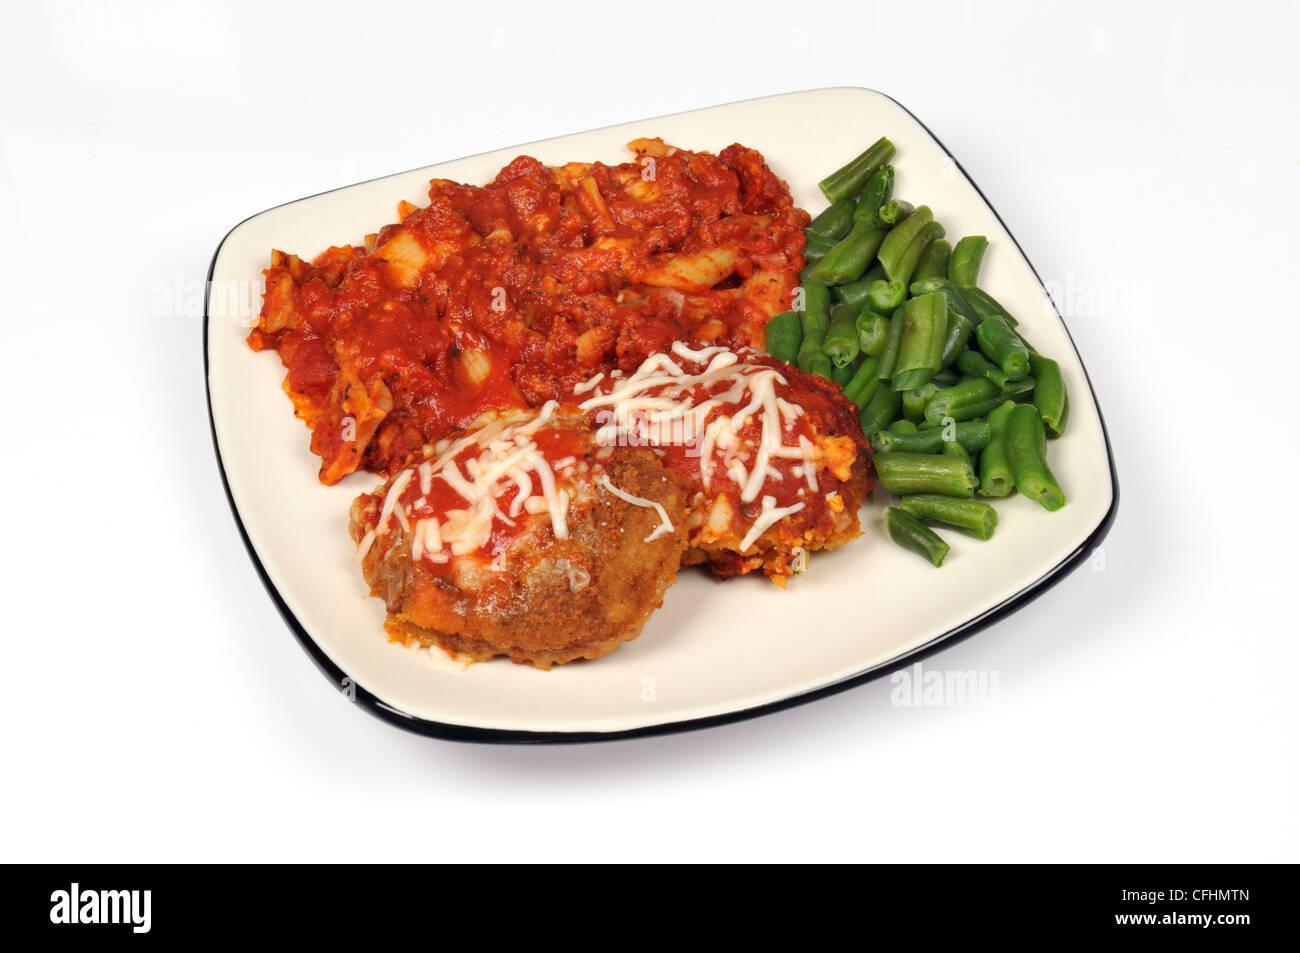 Kalbfleisch parmigiana Abendessen mit Pasta mit Tomaten-Fleisch-Sauce mit grünen Bohnen auf weißem Hintergrund Stockbild